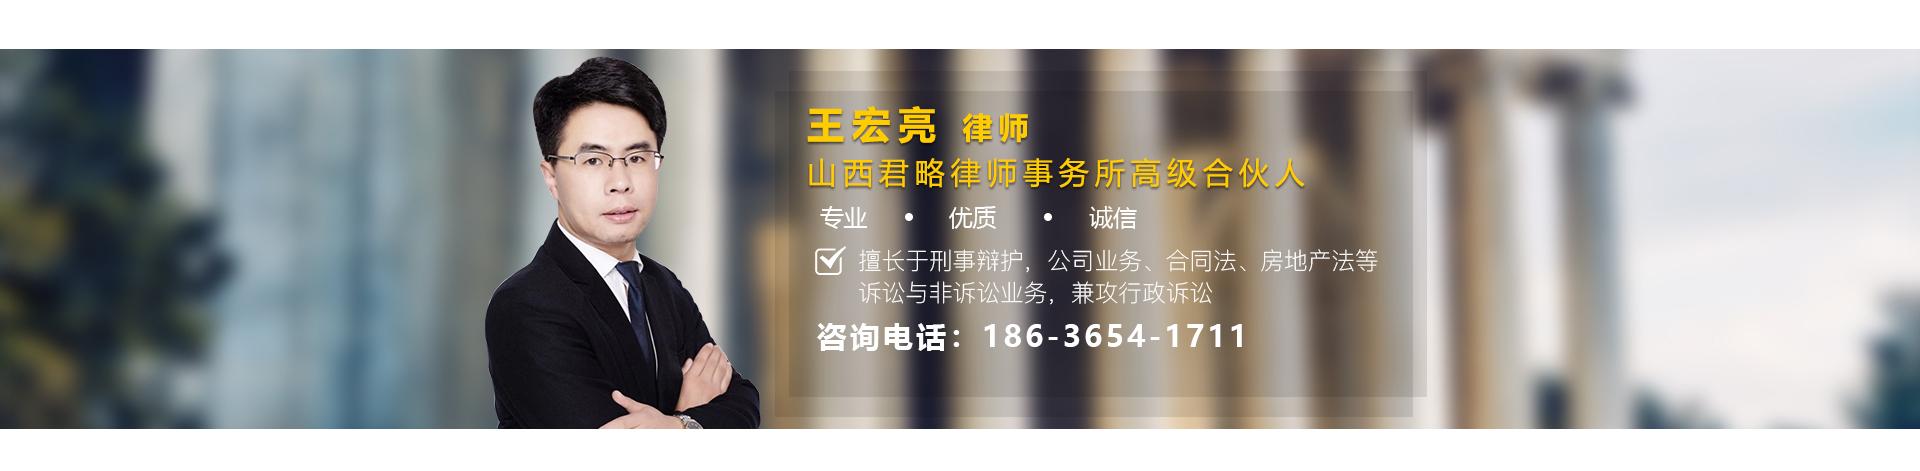 长治律师王宏亮律师:竭诚保护当事人合法权益